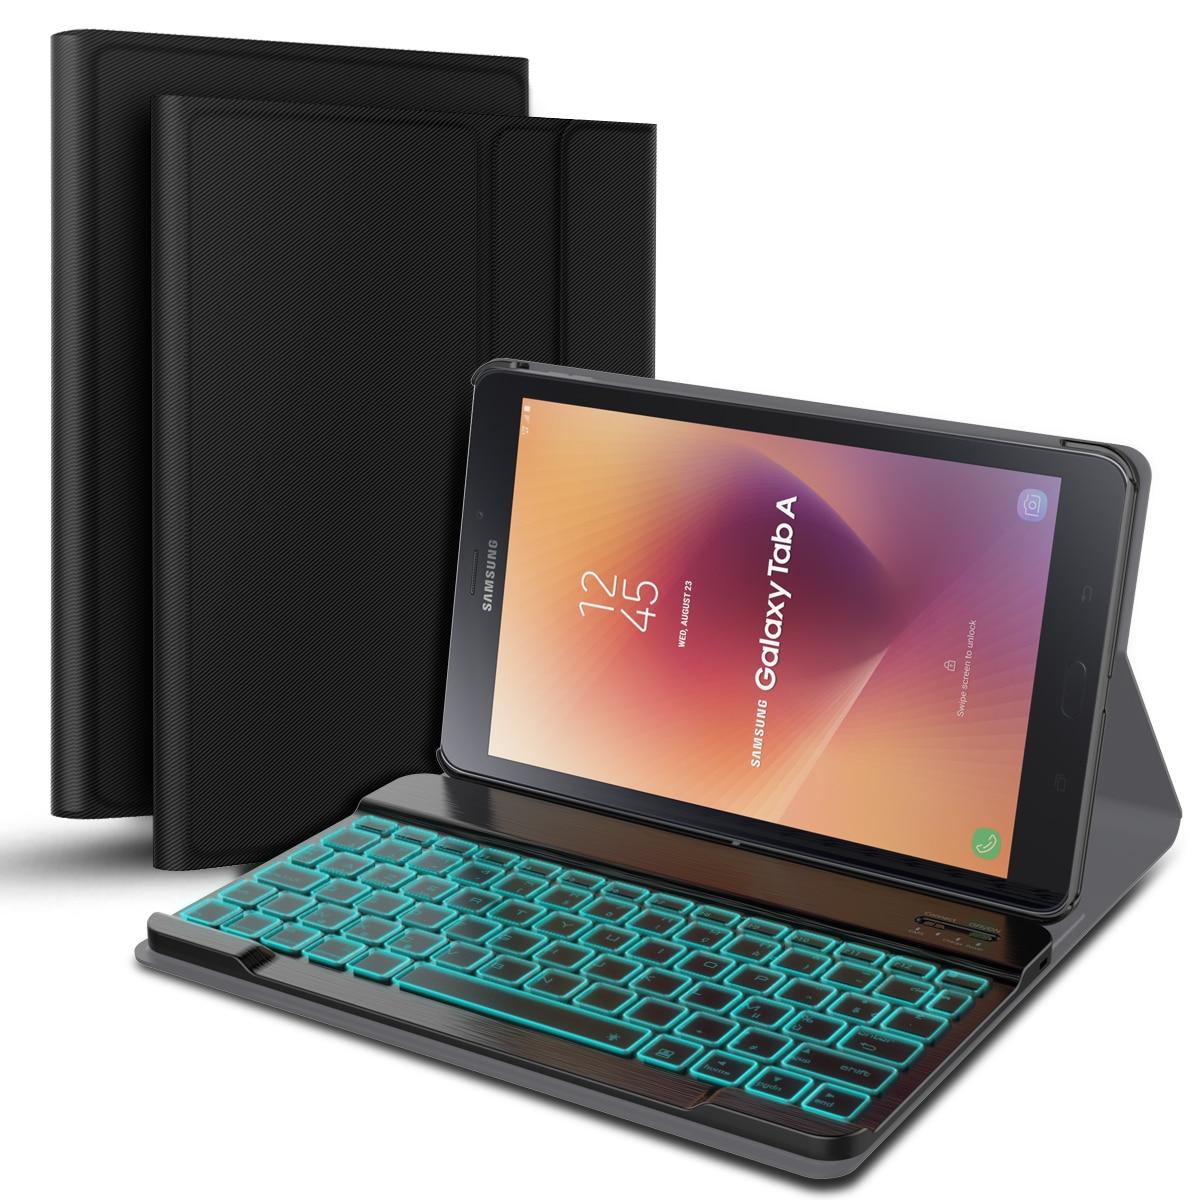 תאורה אחורית עבור Samsung Galaxy Tab 10.5 A2 עיצוב T595 T590 להפרדה Tablet איטלקית Bluetooth עם תאורה אחורית עור מקלדת מקרה ייחודי Stripe (1)